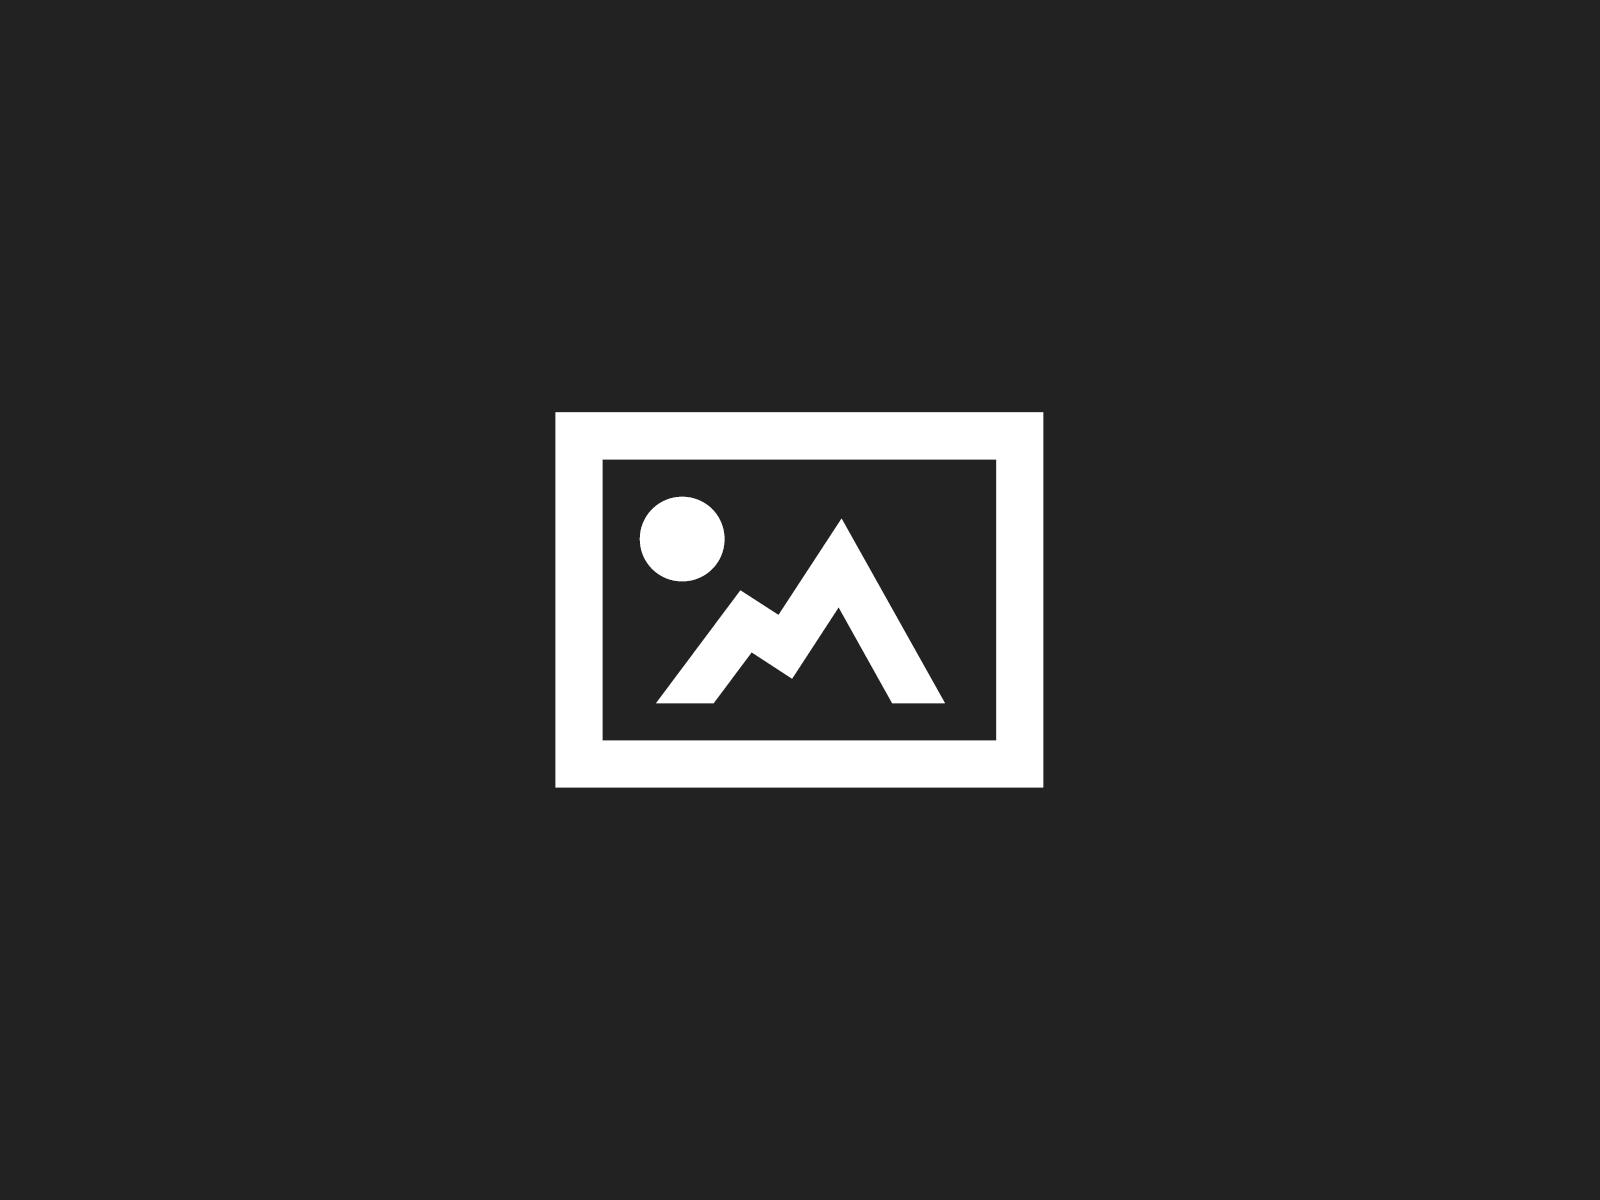 Vi söker modern design